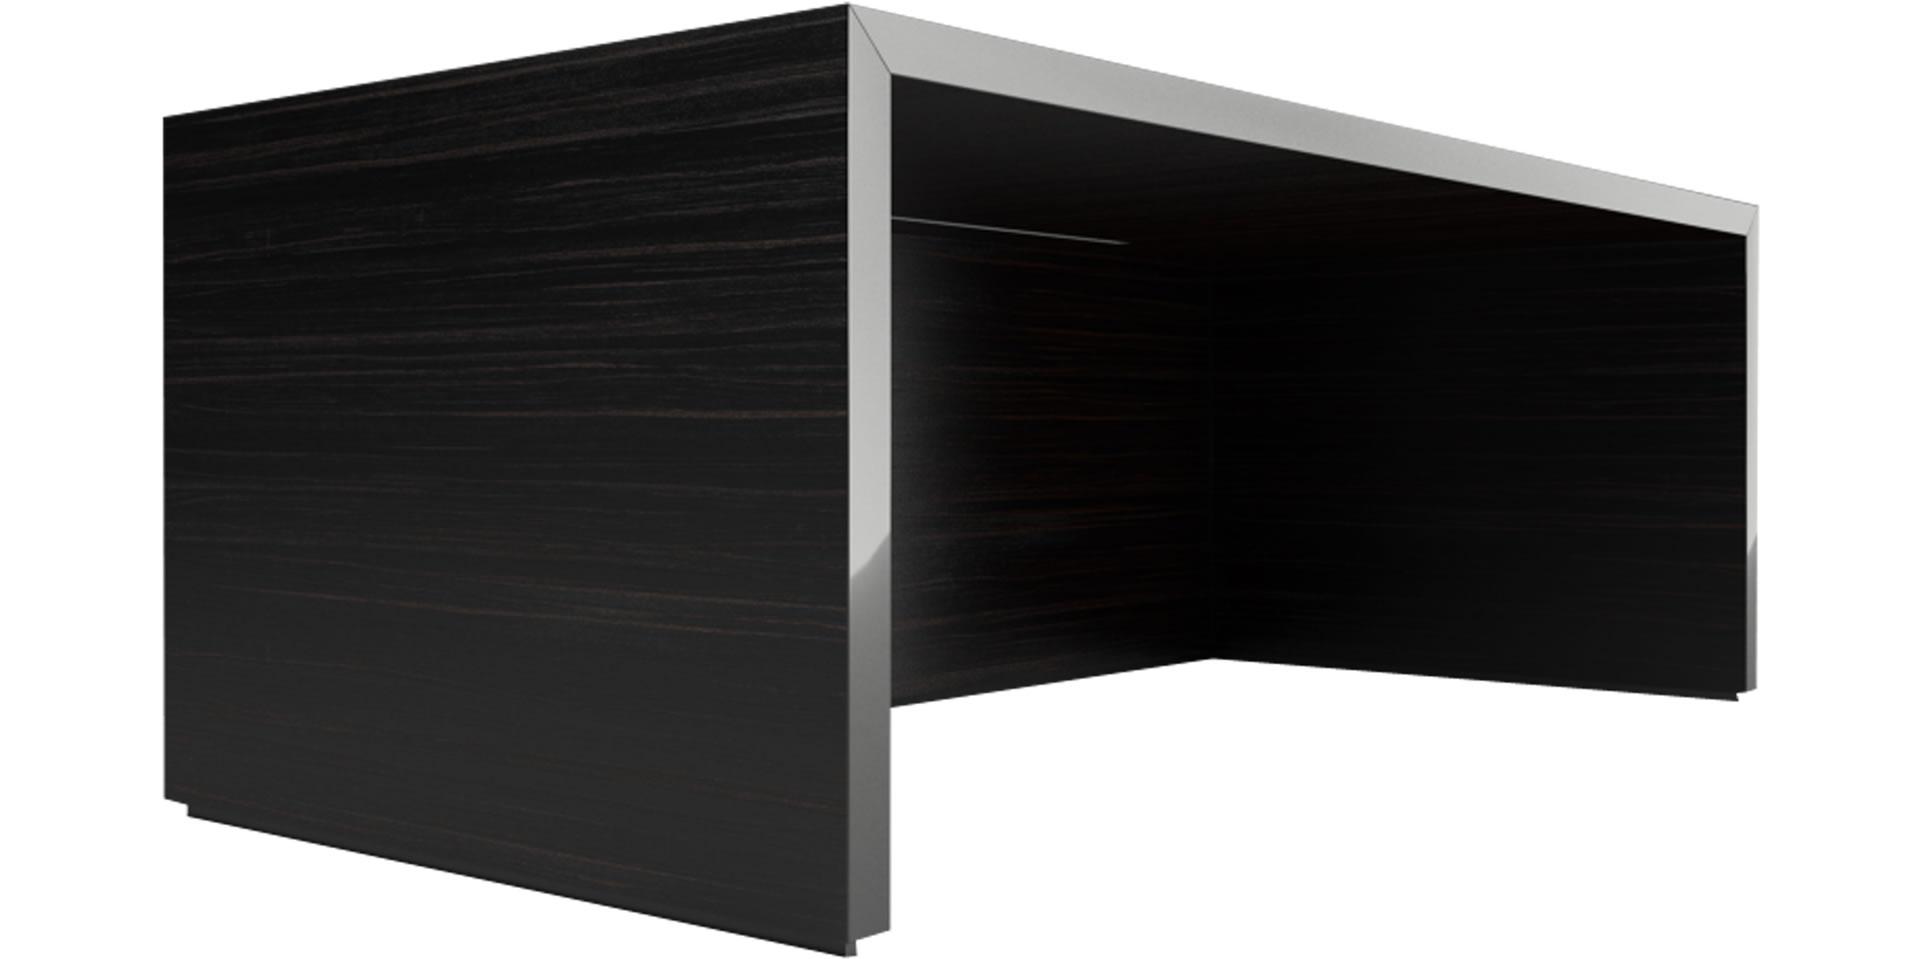 Schreibtisch holz dunkel  Schreibtisch REGERE online kaufen ▭ funktional Design-Tisch von ...